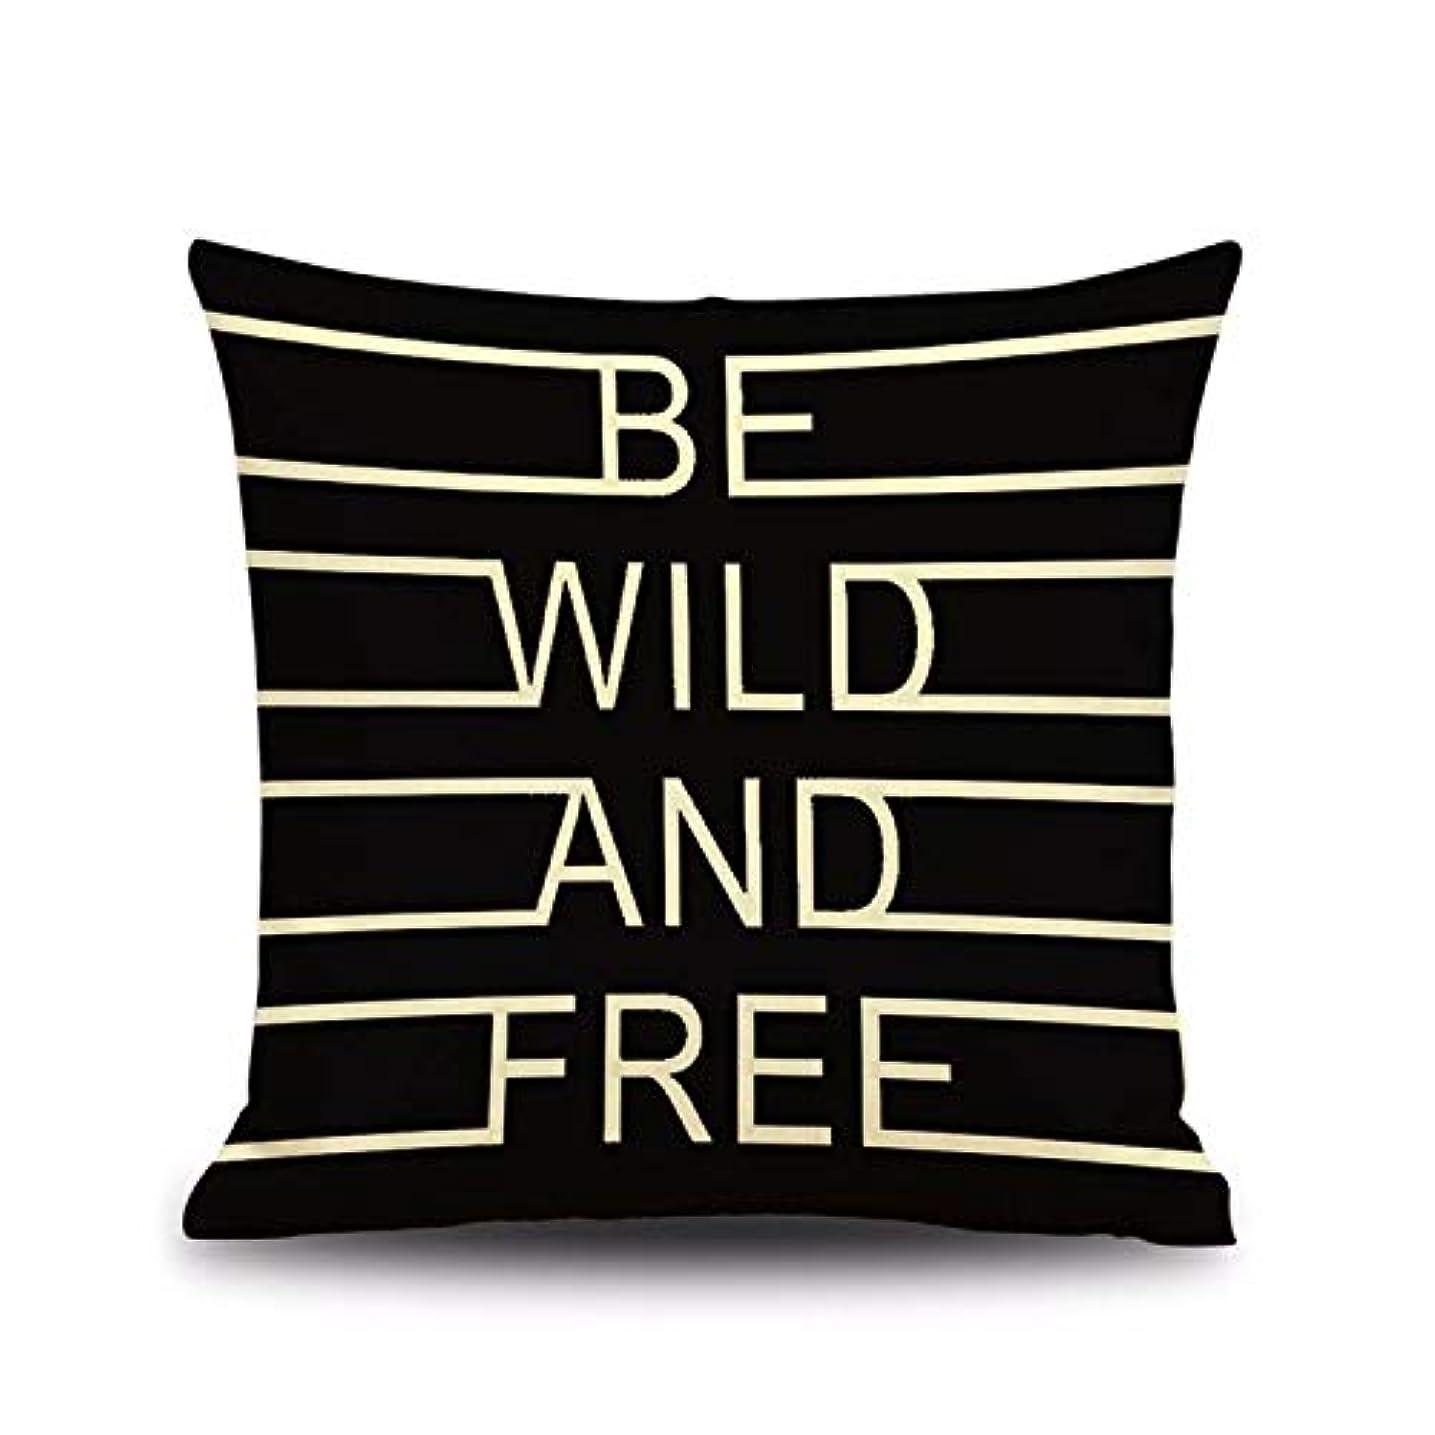 効率的堂々たる豪華なLIFE送料無料リネンクッション、枕 (含まないフィリング) 40 × 40 センチメートル、 45 × 45 センチメートル、 50 × 50 センチメートル、 60 × 60 センチメートルクッション 椅子